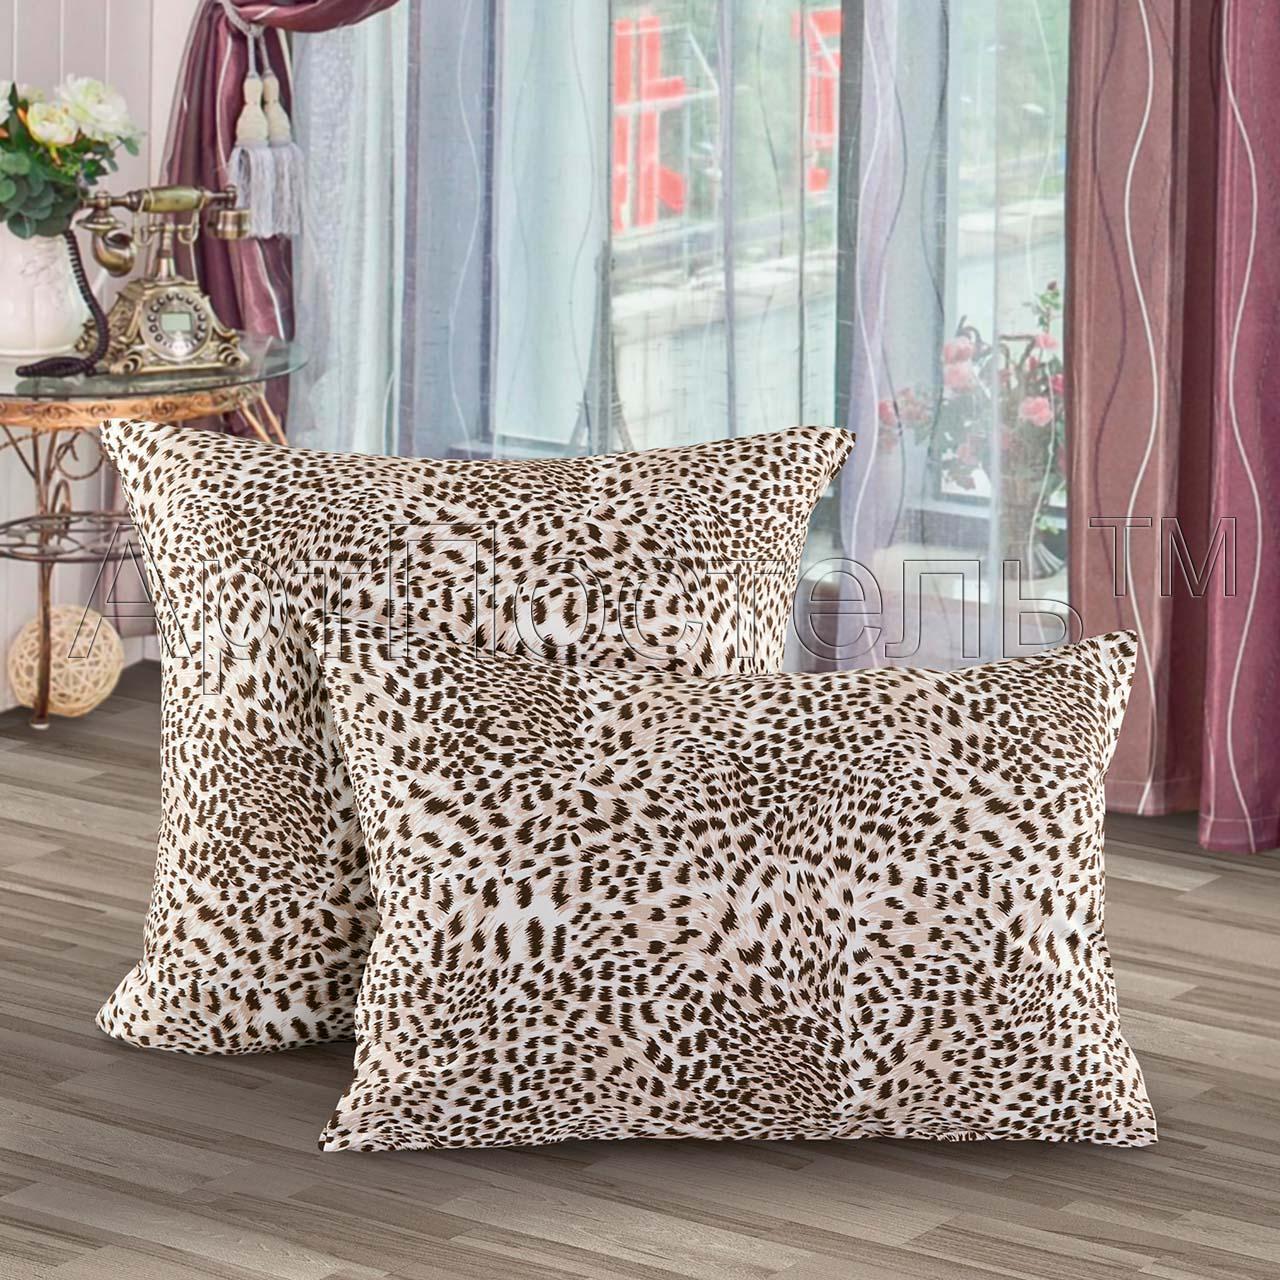 Наволочки Леопард р. 70х70Наволочки<br>Плотность ткани: 140 г/кв. М <br>Количество: 2 шт.<br><br>Тип: Наволочки<br>Размер: 70х70<br>Материал: Кулирка